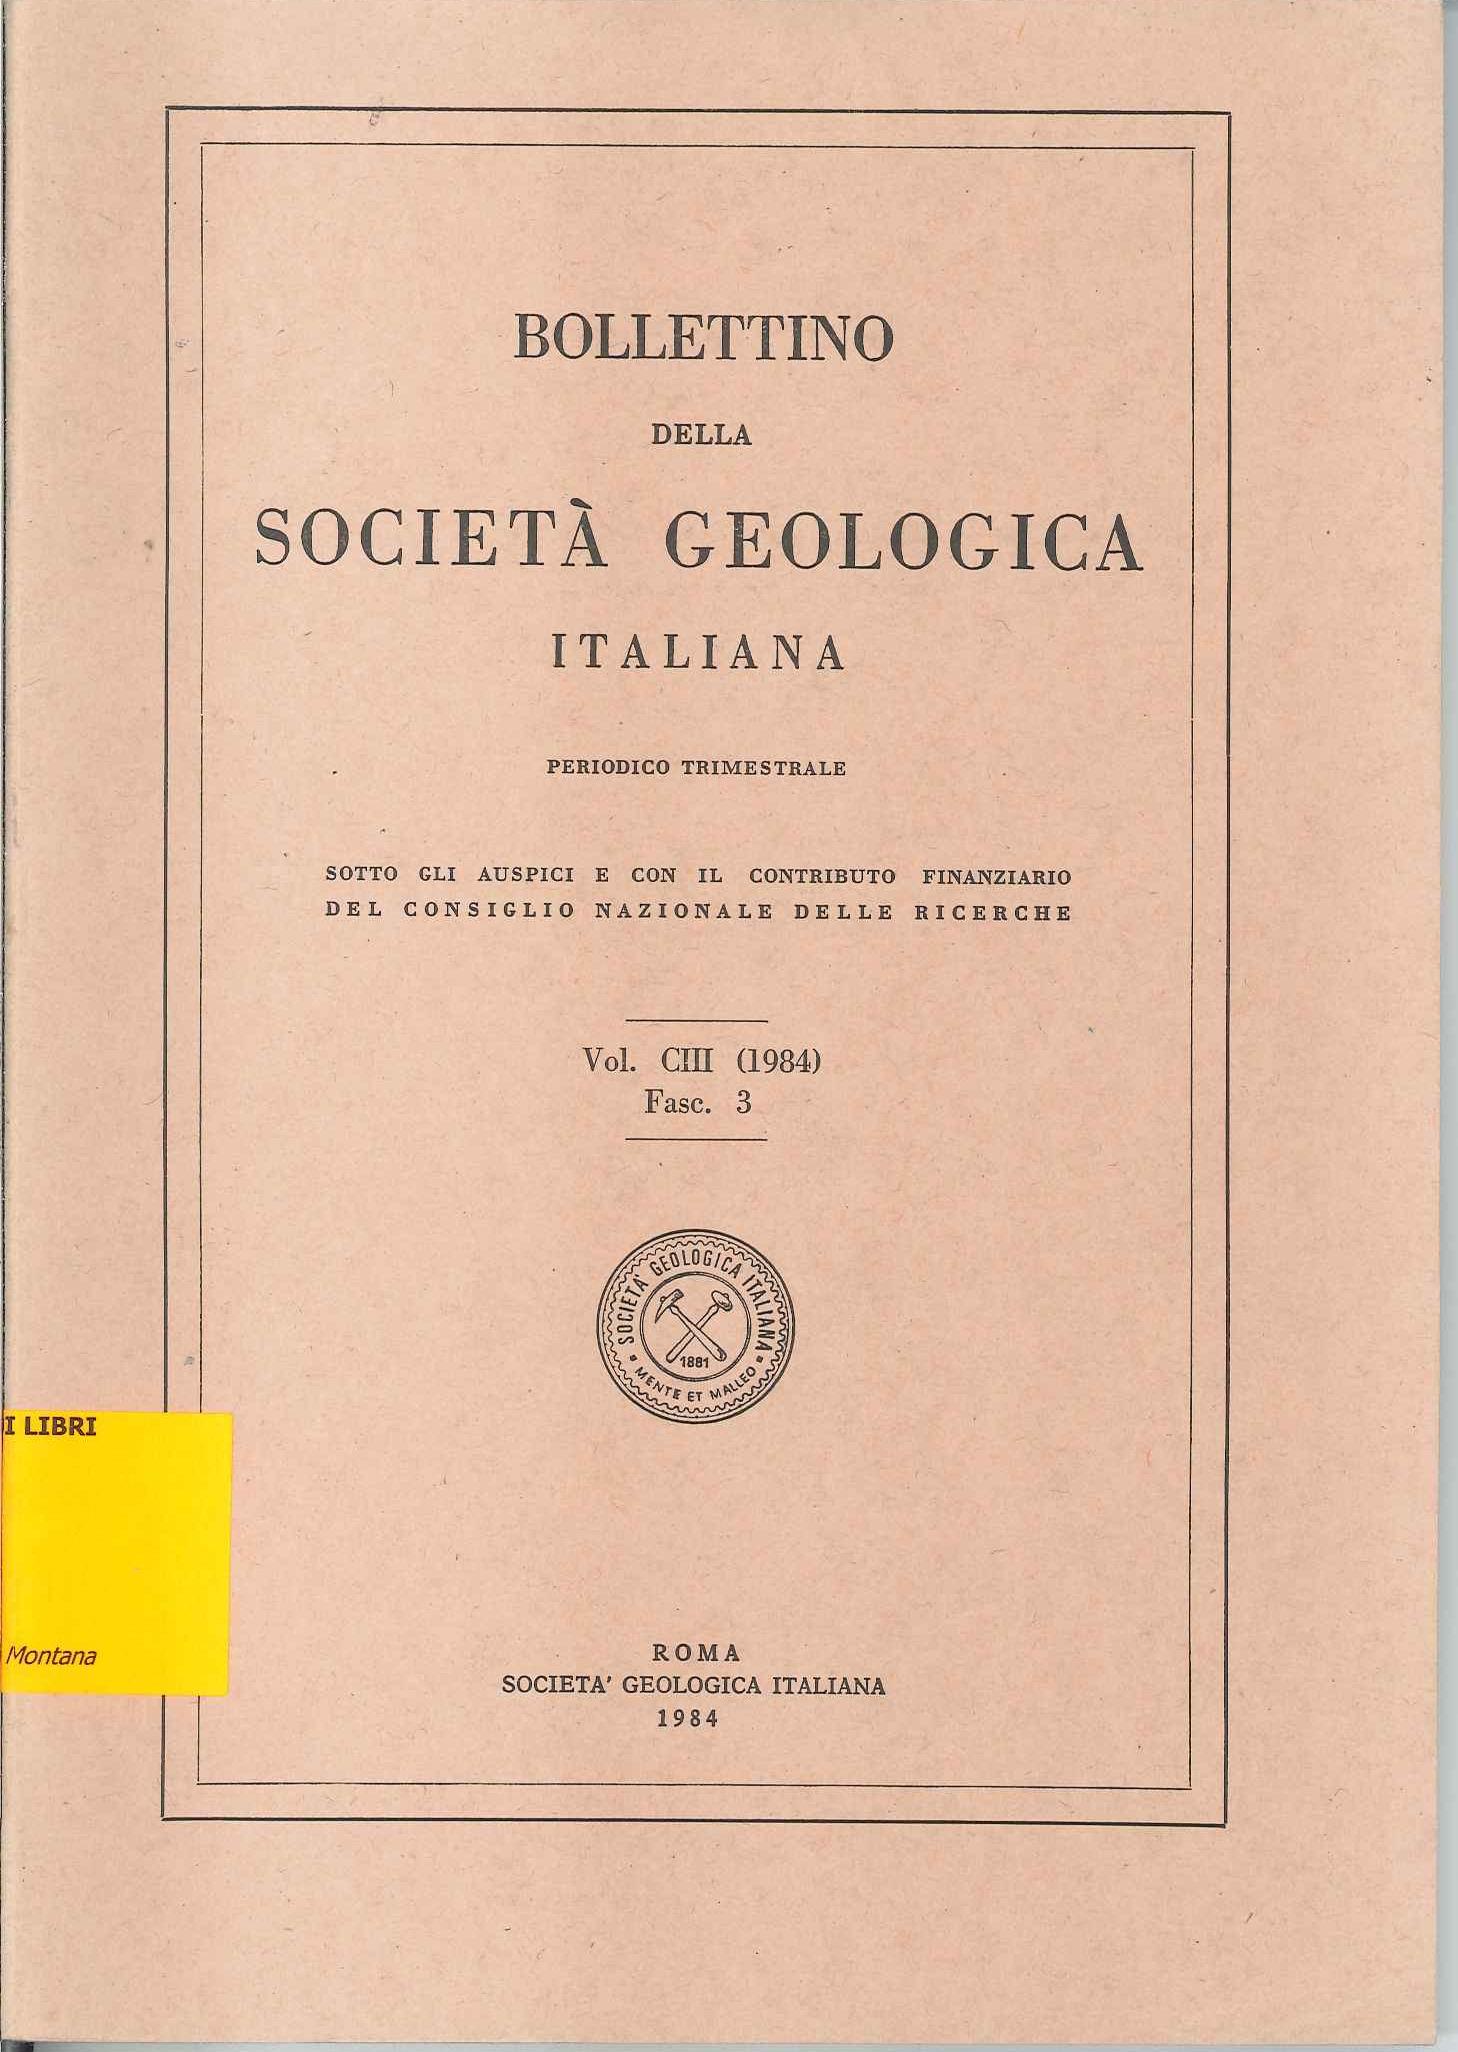 Bollettino della Società Geologica Italiana Vol. CIII Fasc. 3